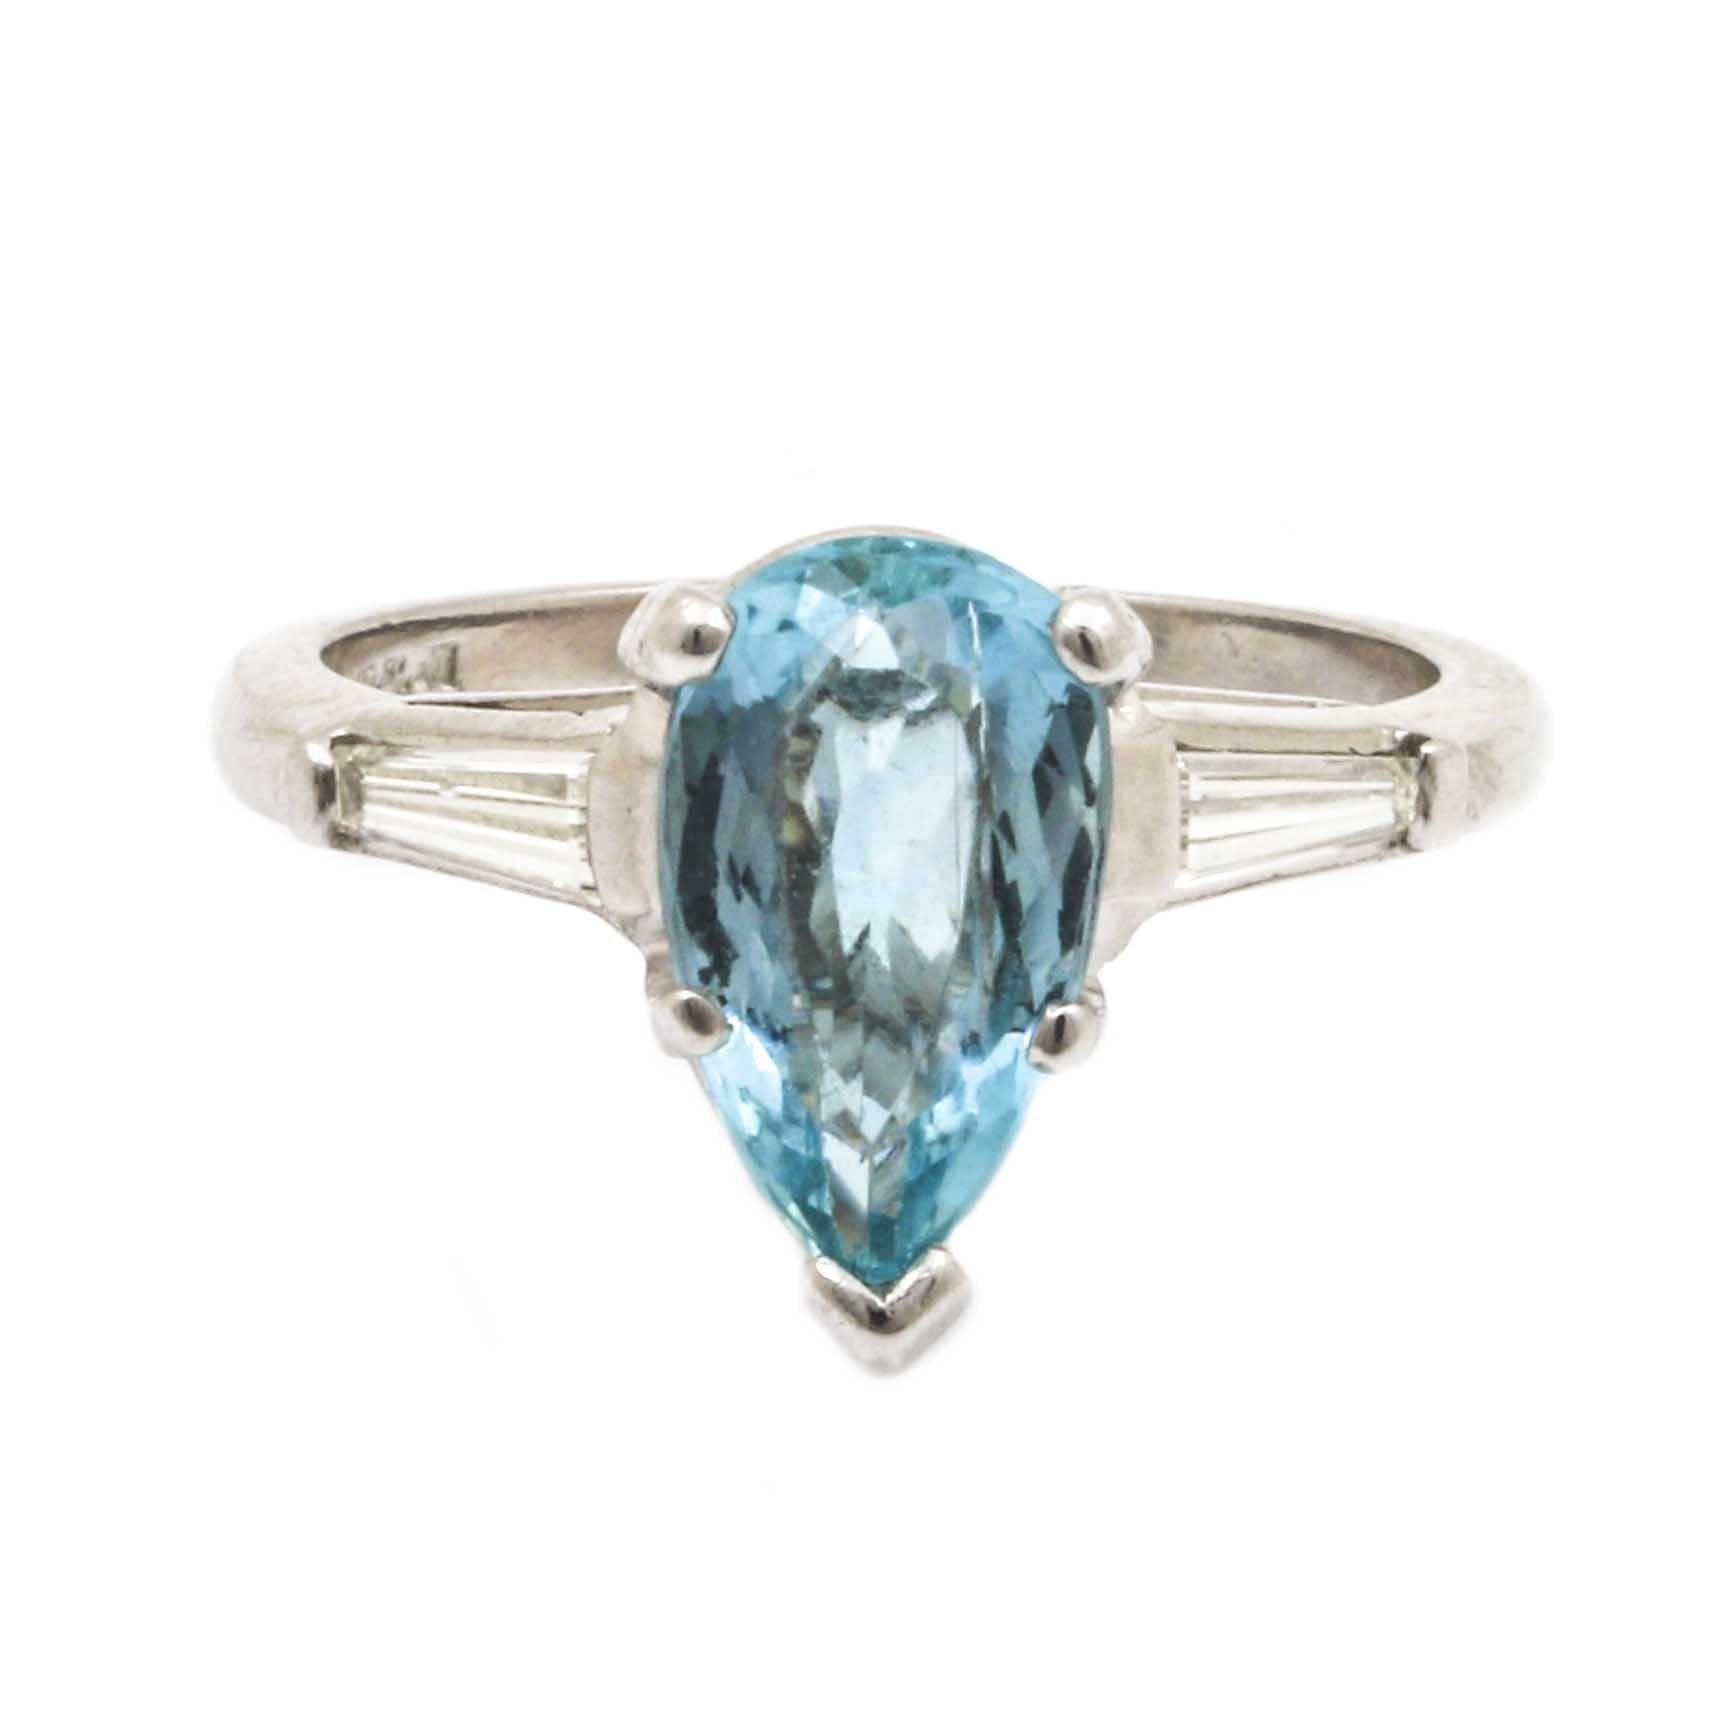 Platinum 1.38 CT Aquamarine and Diamond Ring